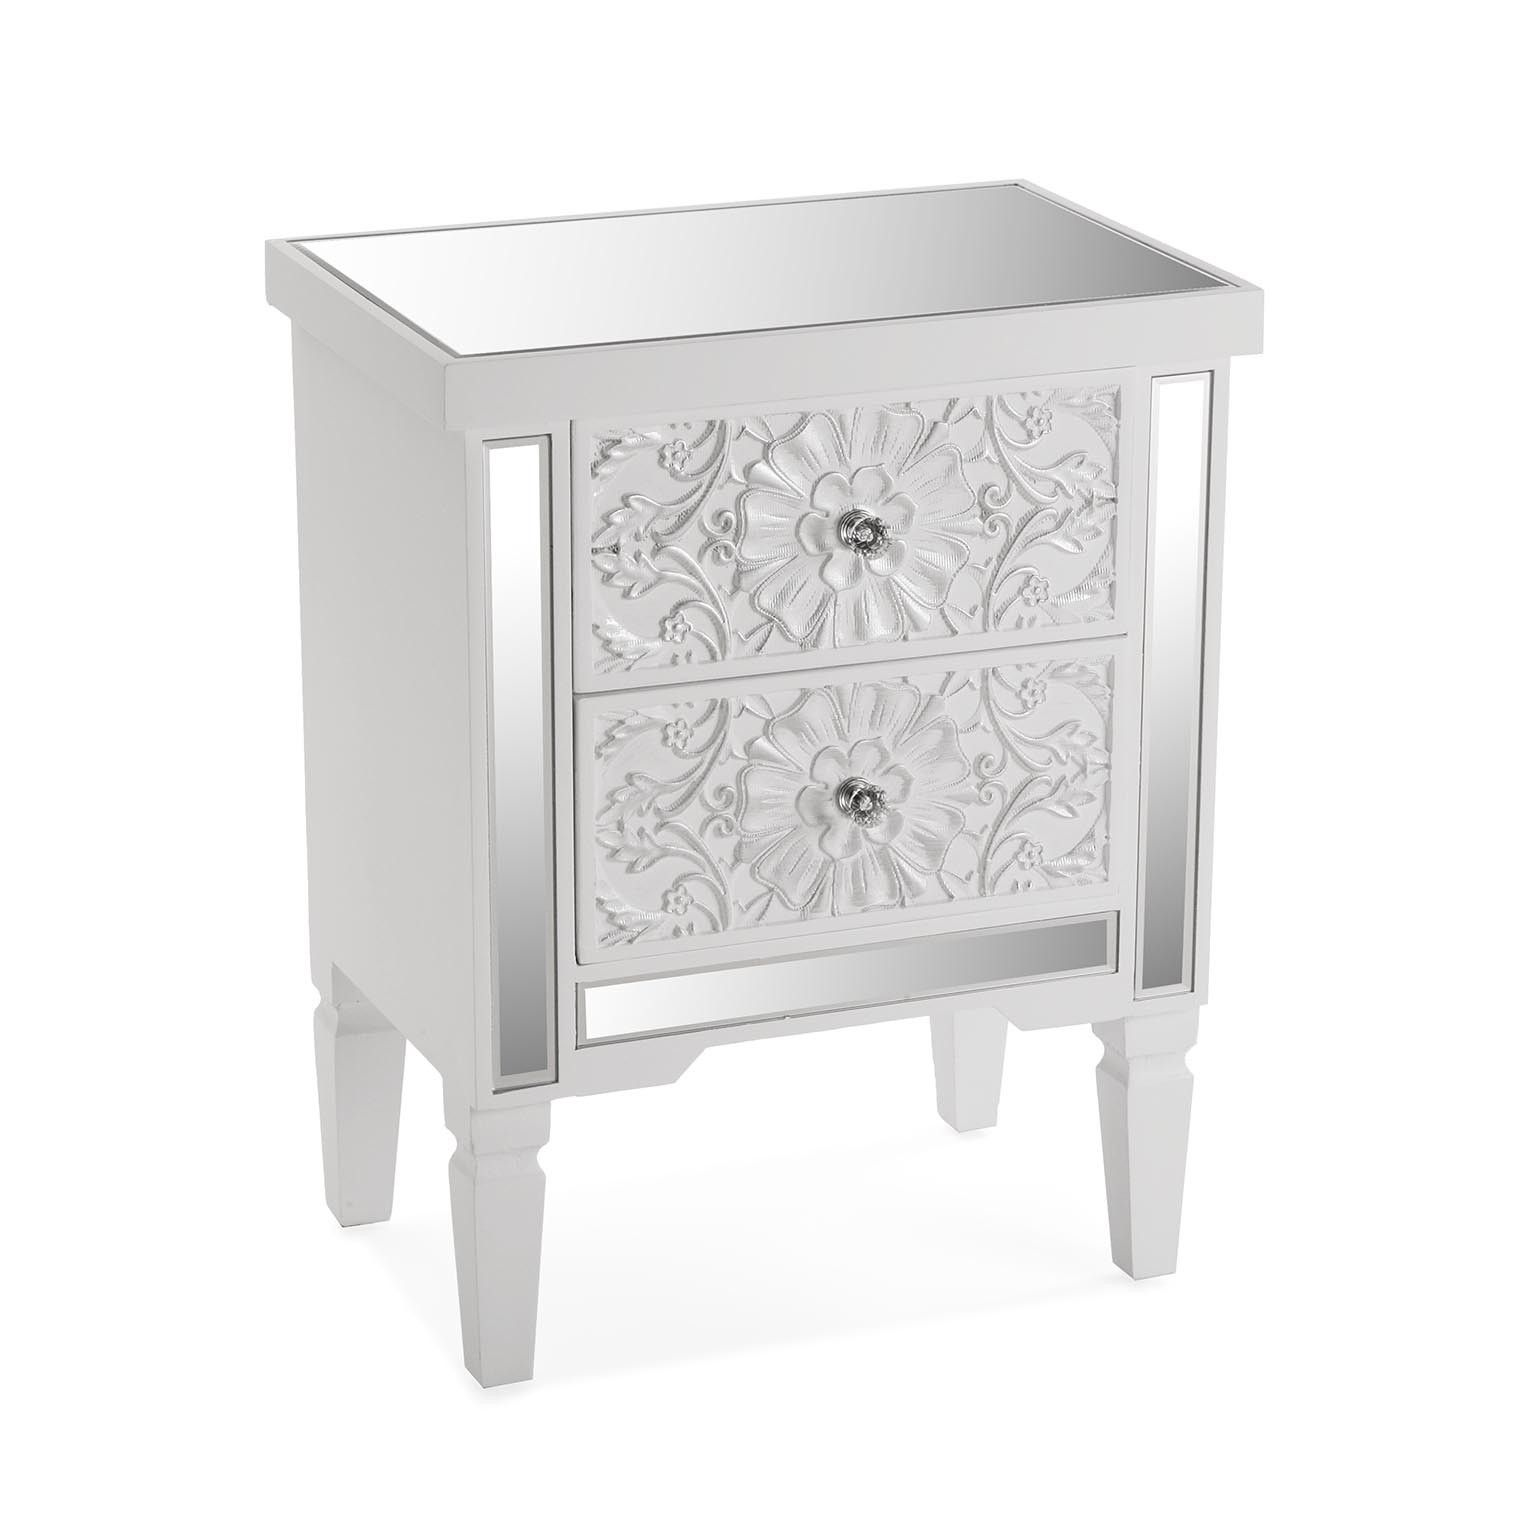 Table De Chevet Baroque Argentee Corfou Table De Chevet Baroque Table De Chevet Table De Chevet Ikea